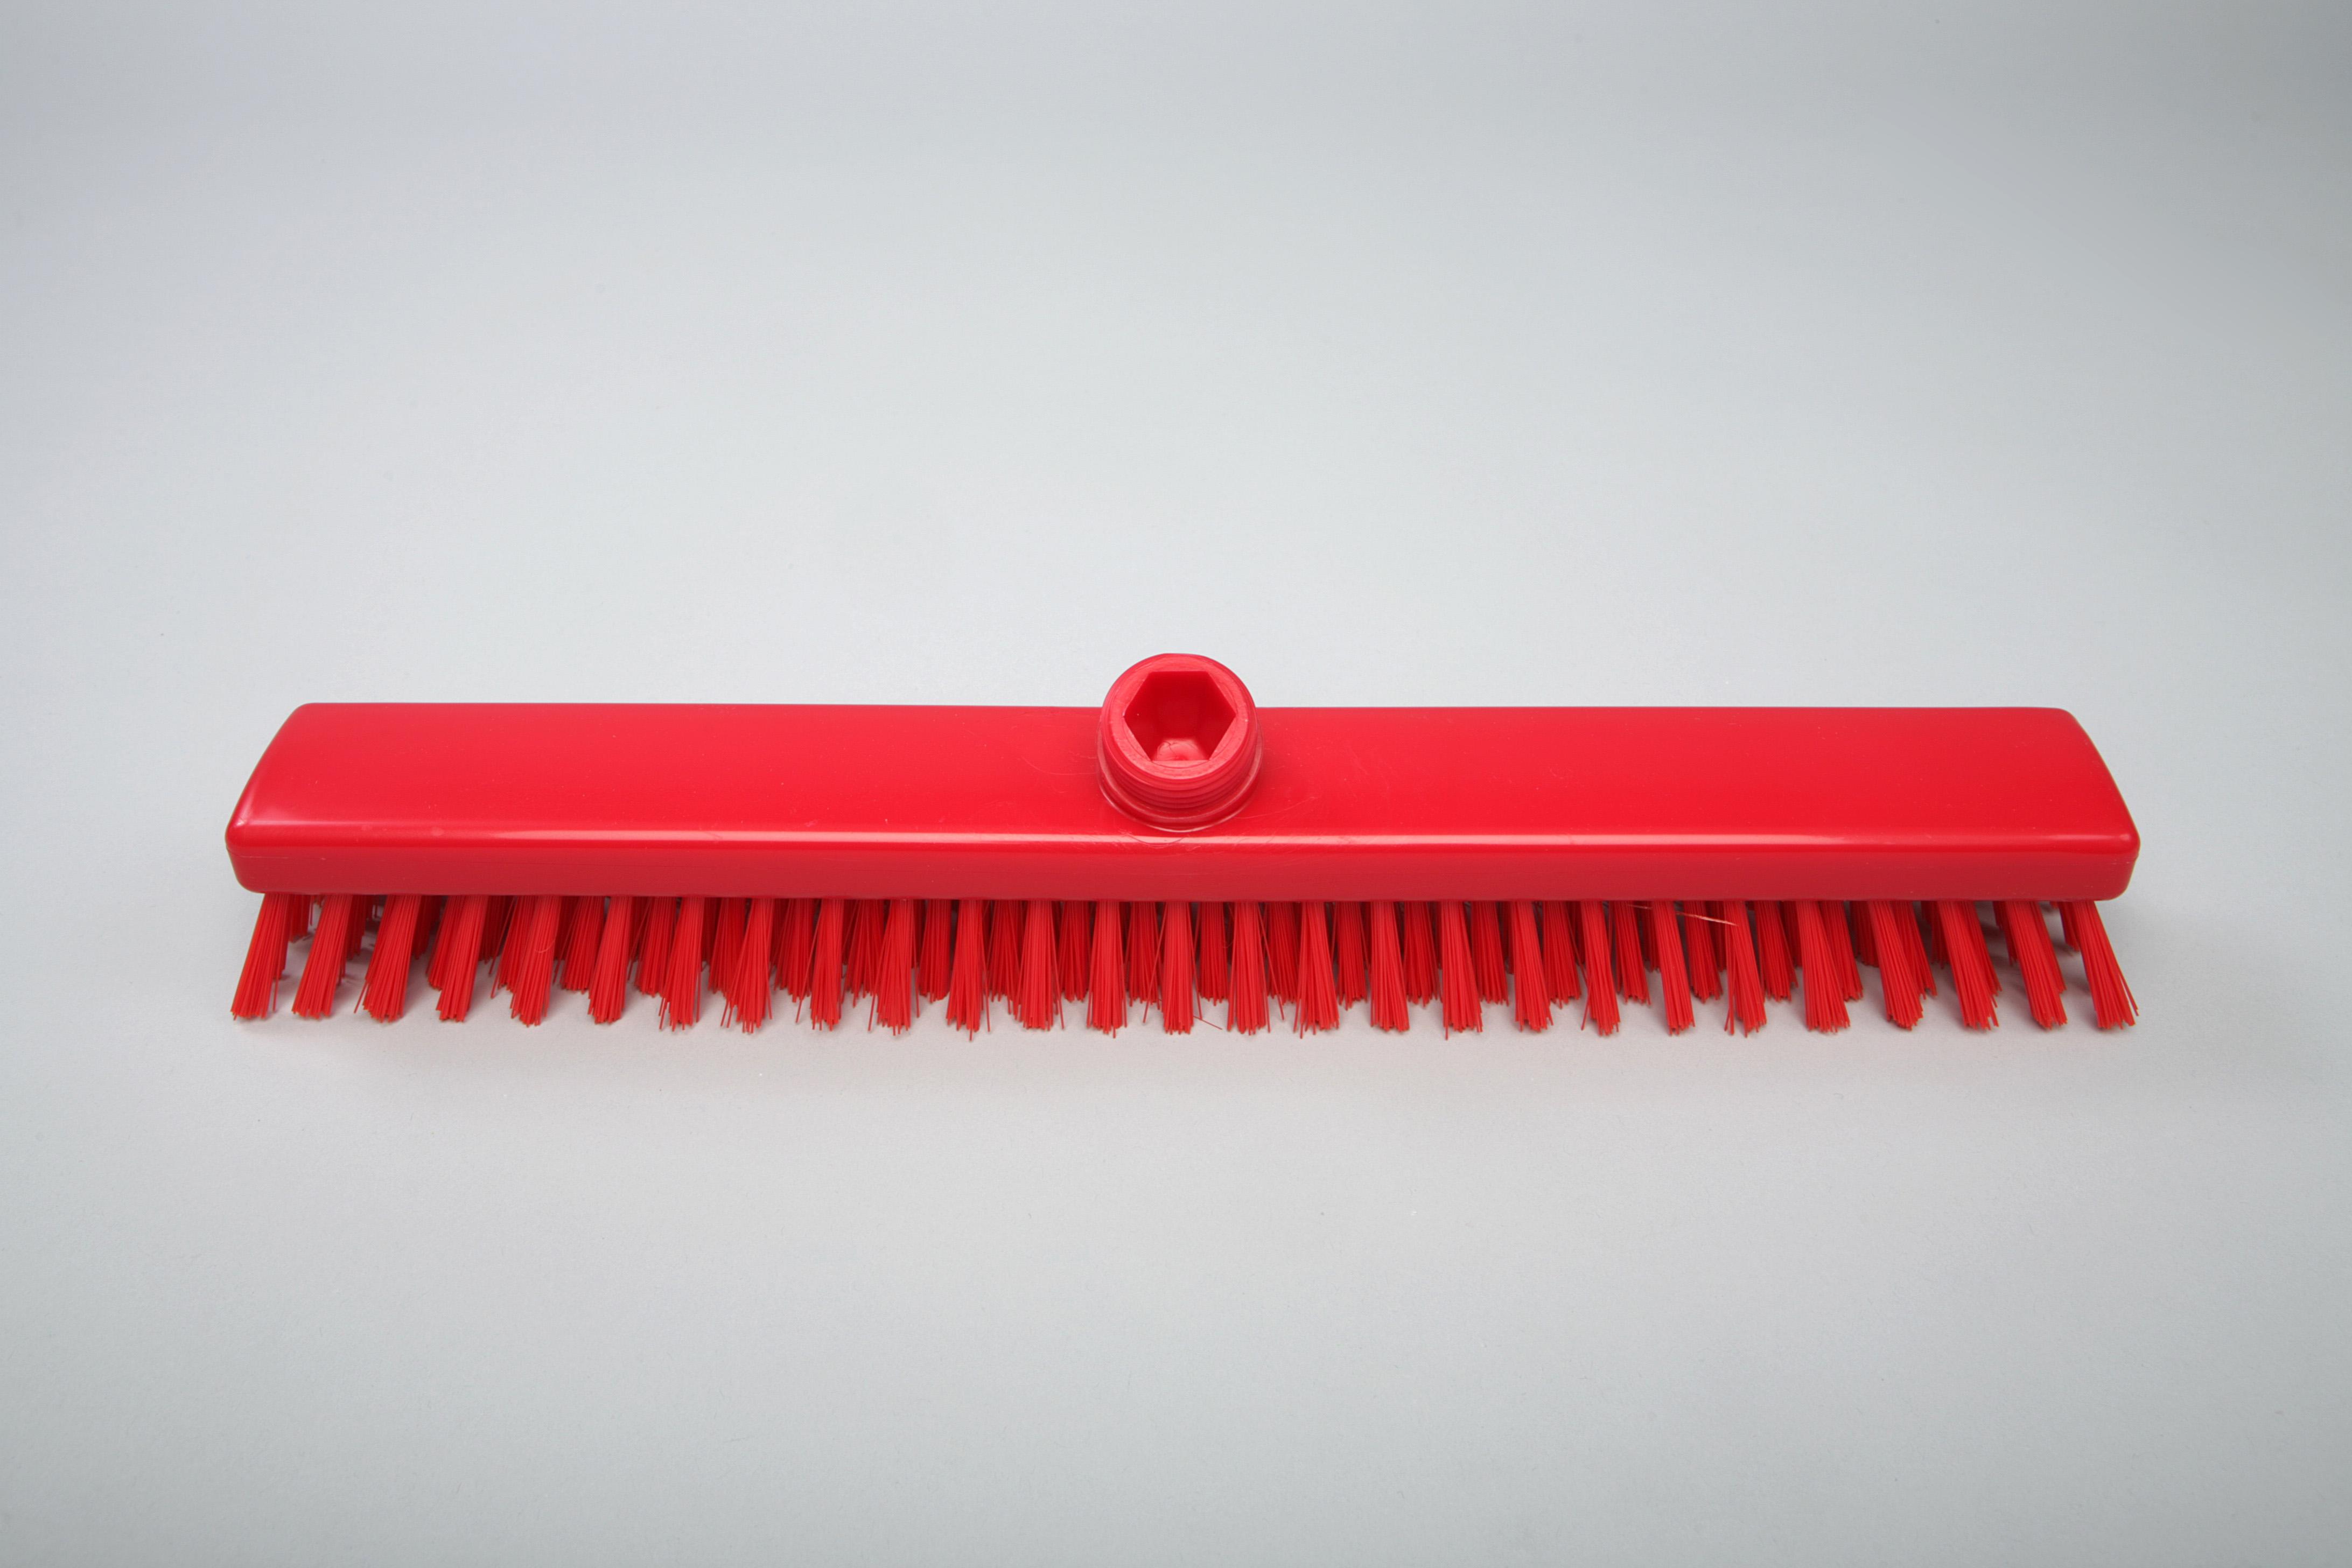 Unimop küürimishari 400 x 50 x 30 mm, tugev, punane, kastis 6 tk